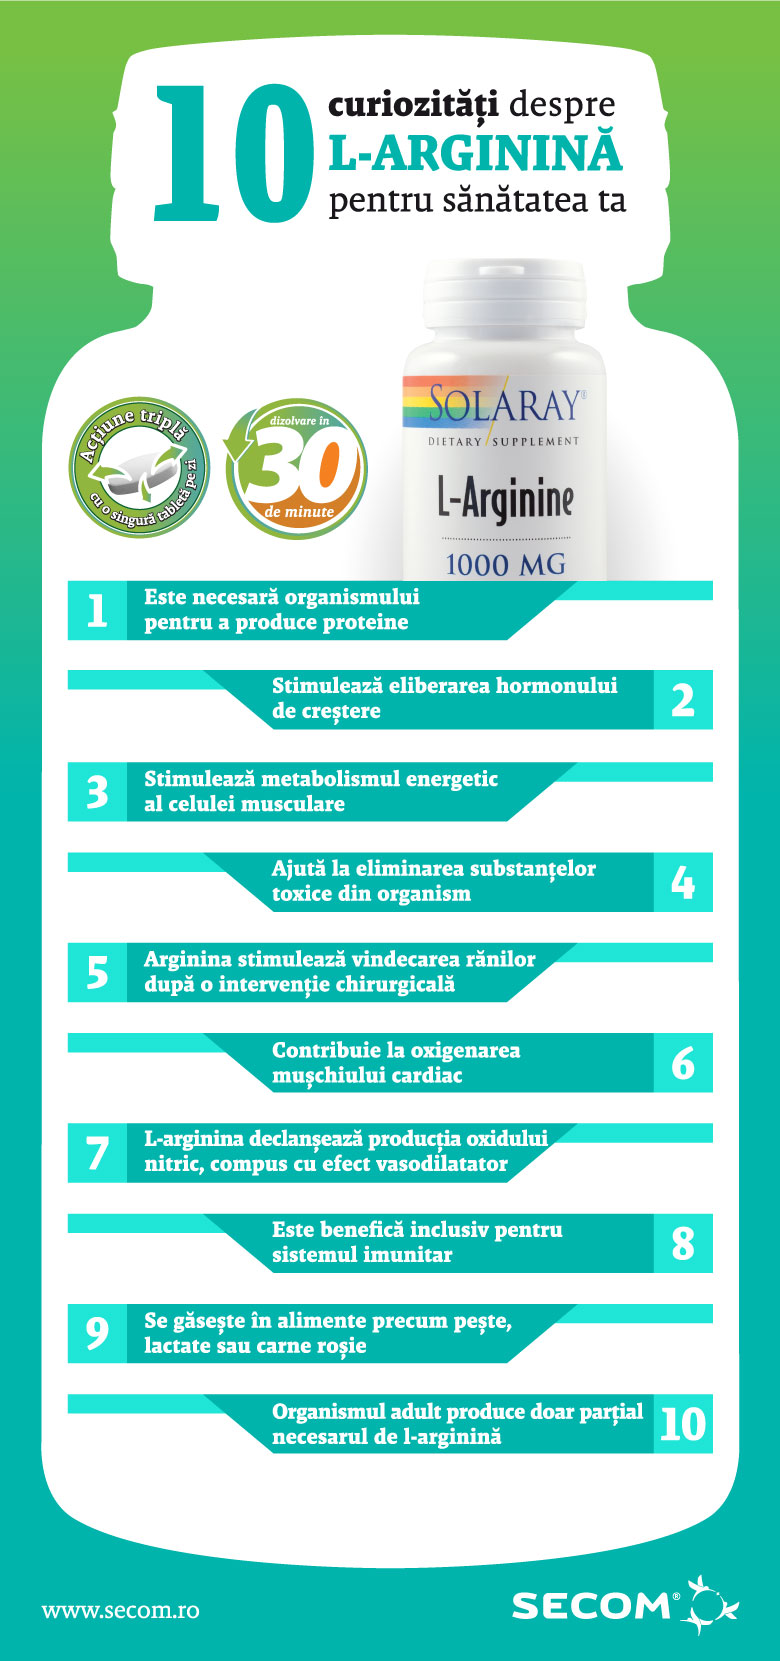 10 lucruri despre L-Arginina